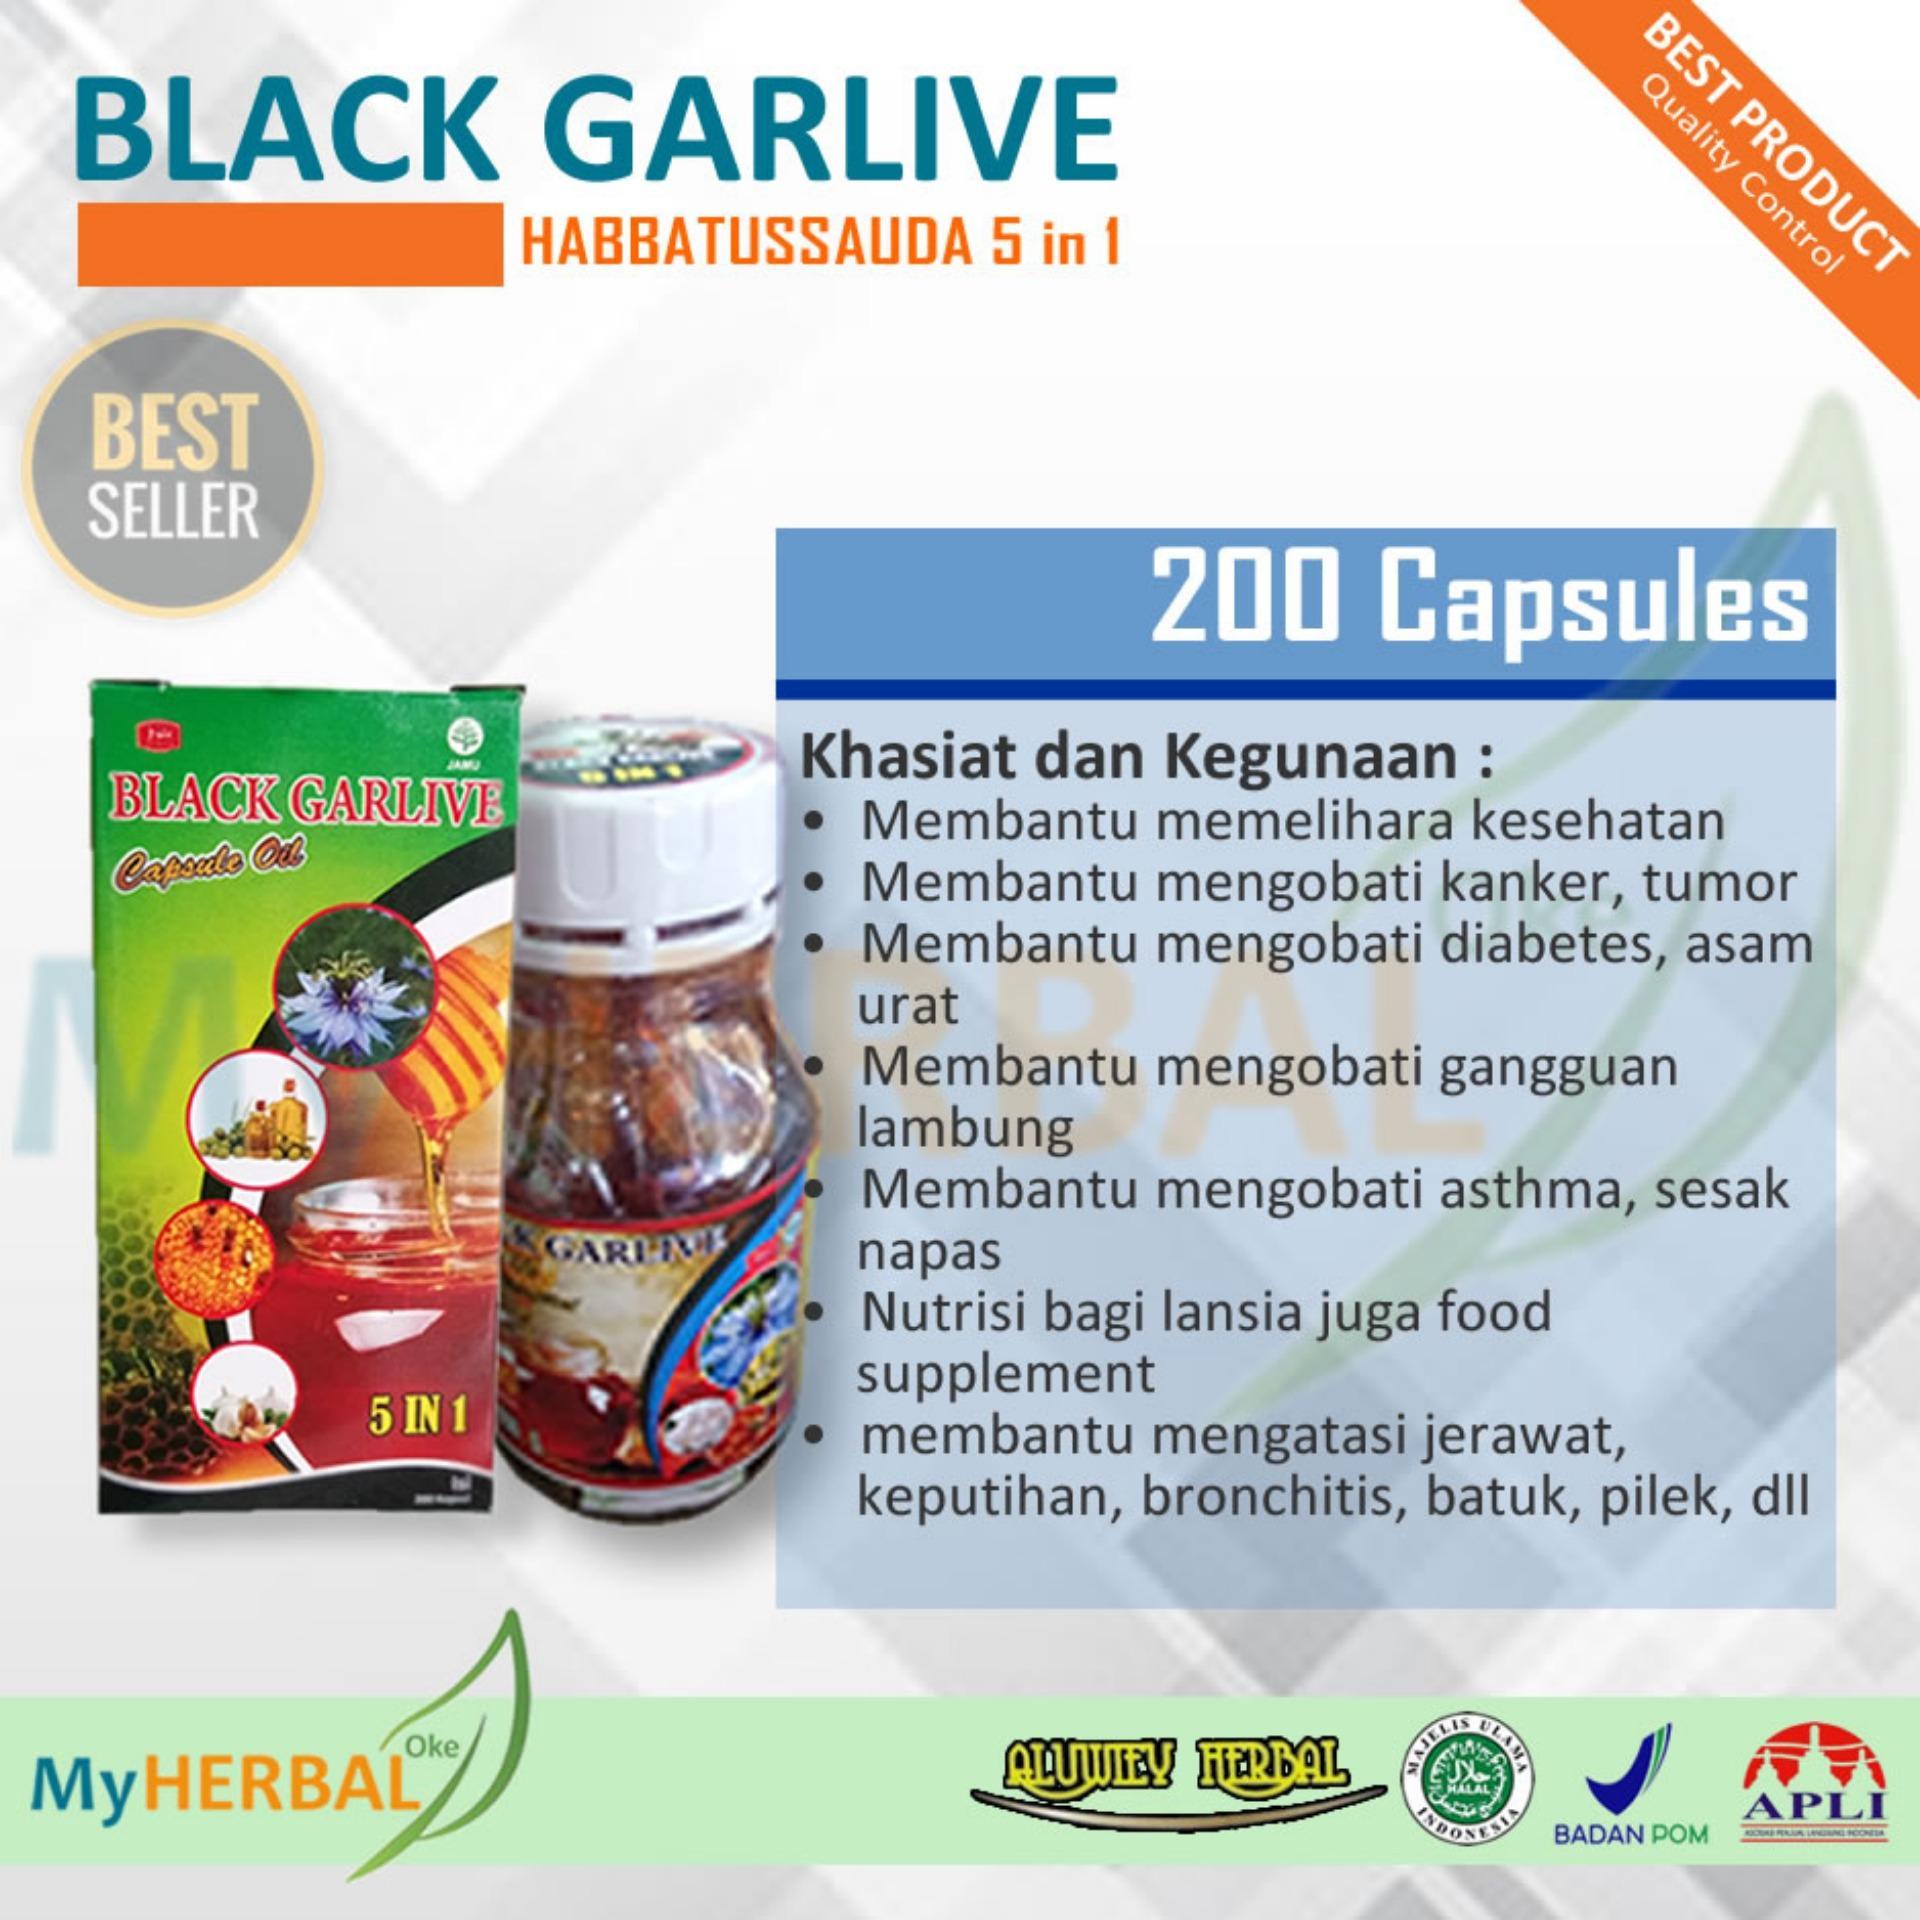 Daftar Harga Minyak Zaitun Habbatussauda Termurah Obat Kuat Kamil 3 In 1 Isi 200 Kapsul Black Garlive 5in1 Jinten Hitam Propolis